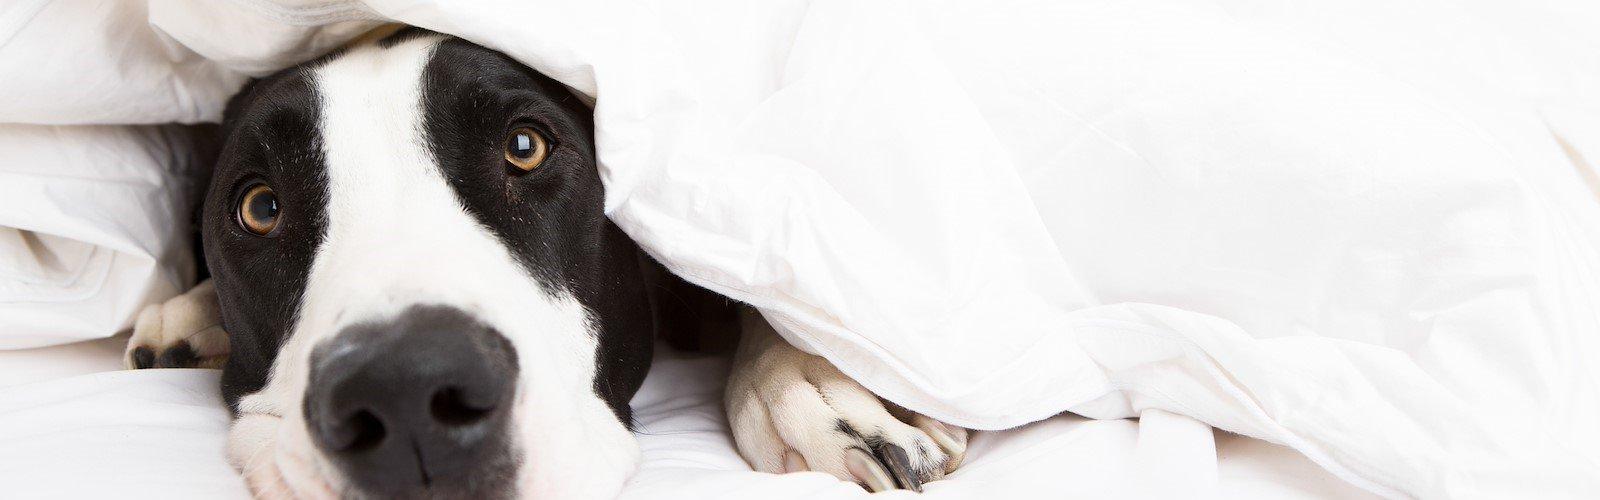 Dog at Pet-Friendly Staybridge Suites Orlando Royale Parc Suites